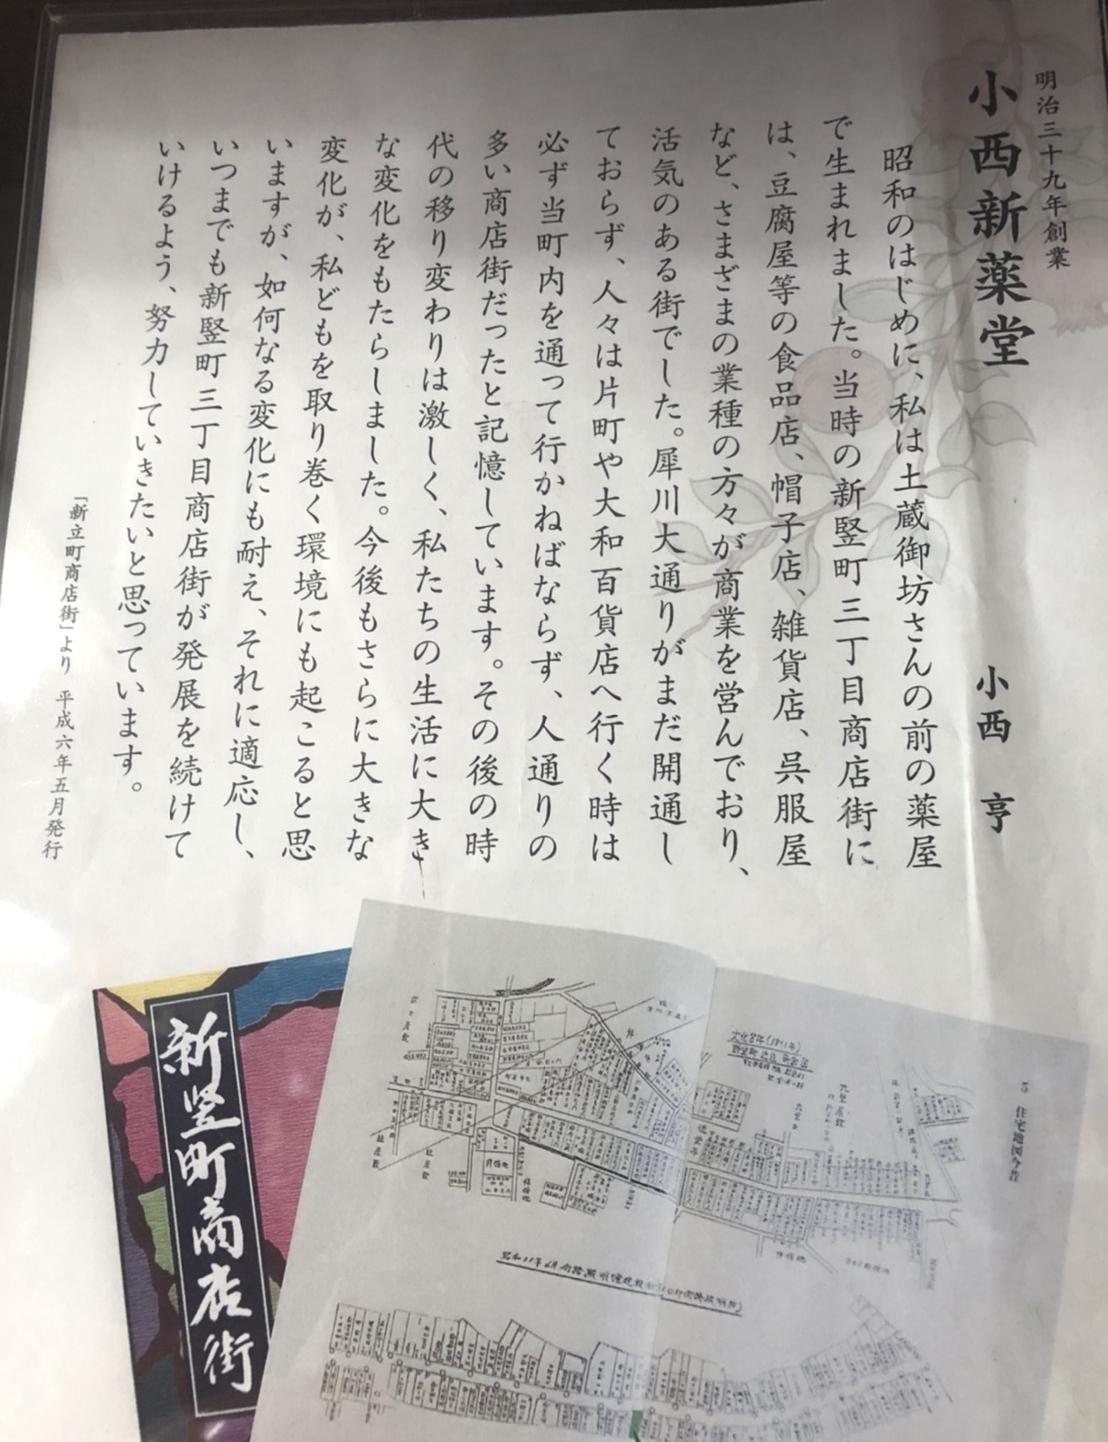 新立町商店街の小西新薬堂紹介